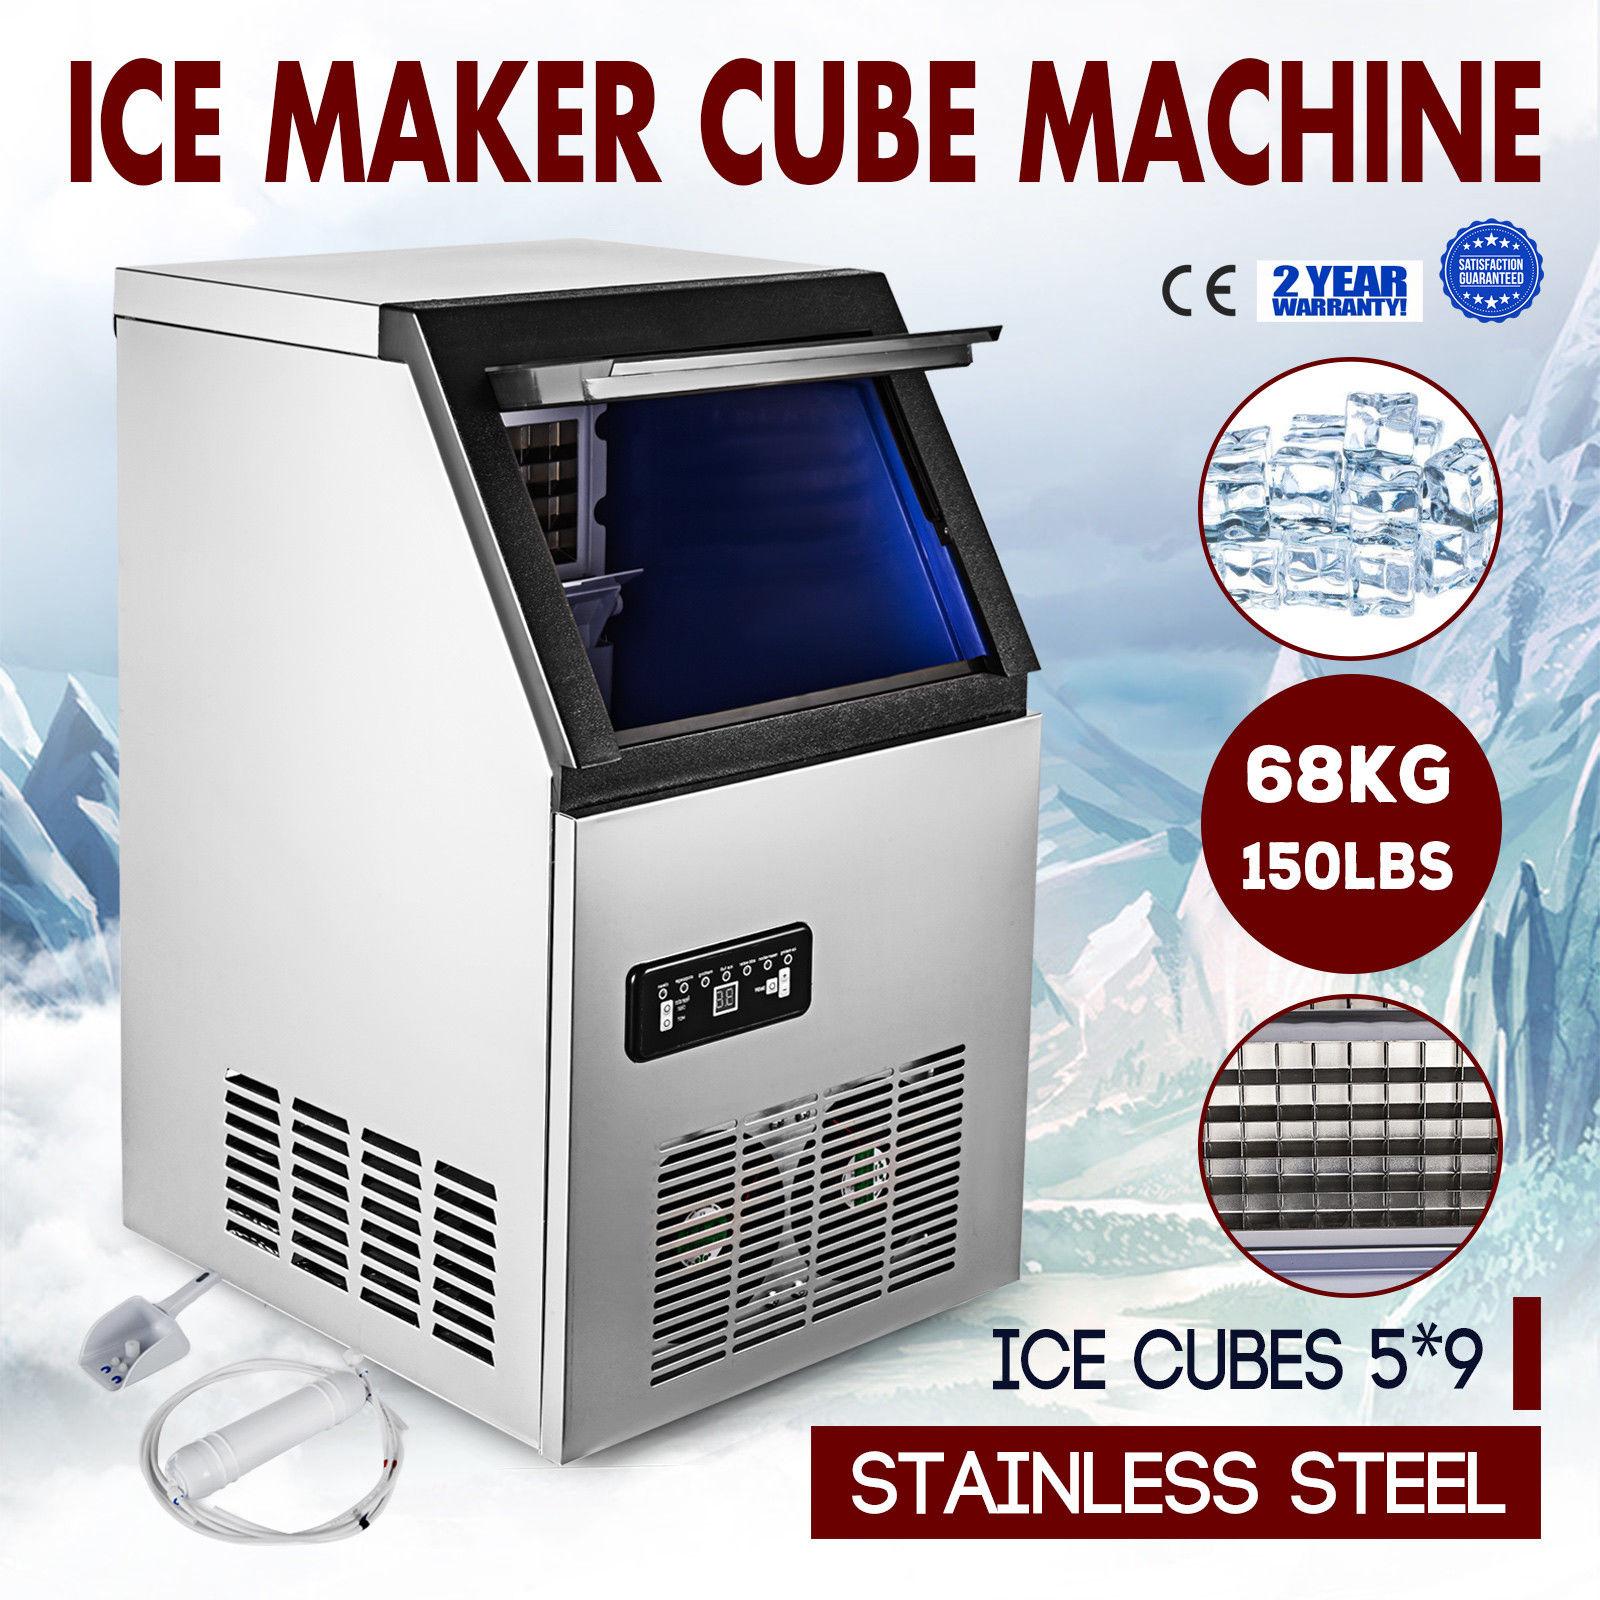 الفولاذ المقاوم للصدأ التجارية وندركونتر 150LBs ماكينة صنع الثلج تبريد الهواء مكعب آمنة وصديقة للبيئة